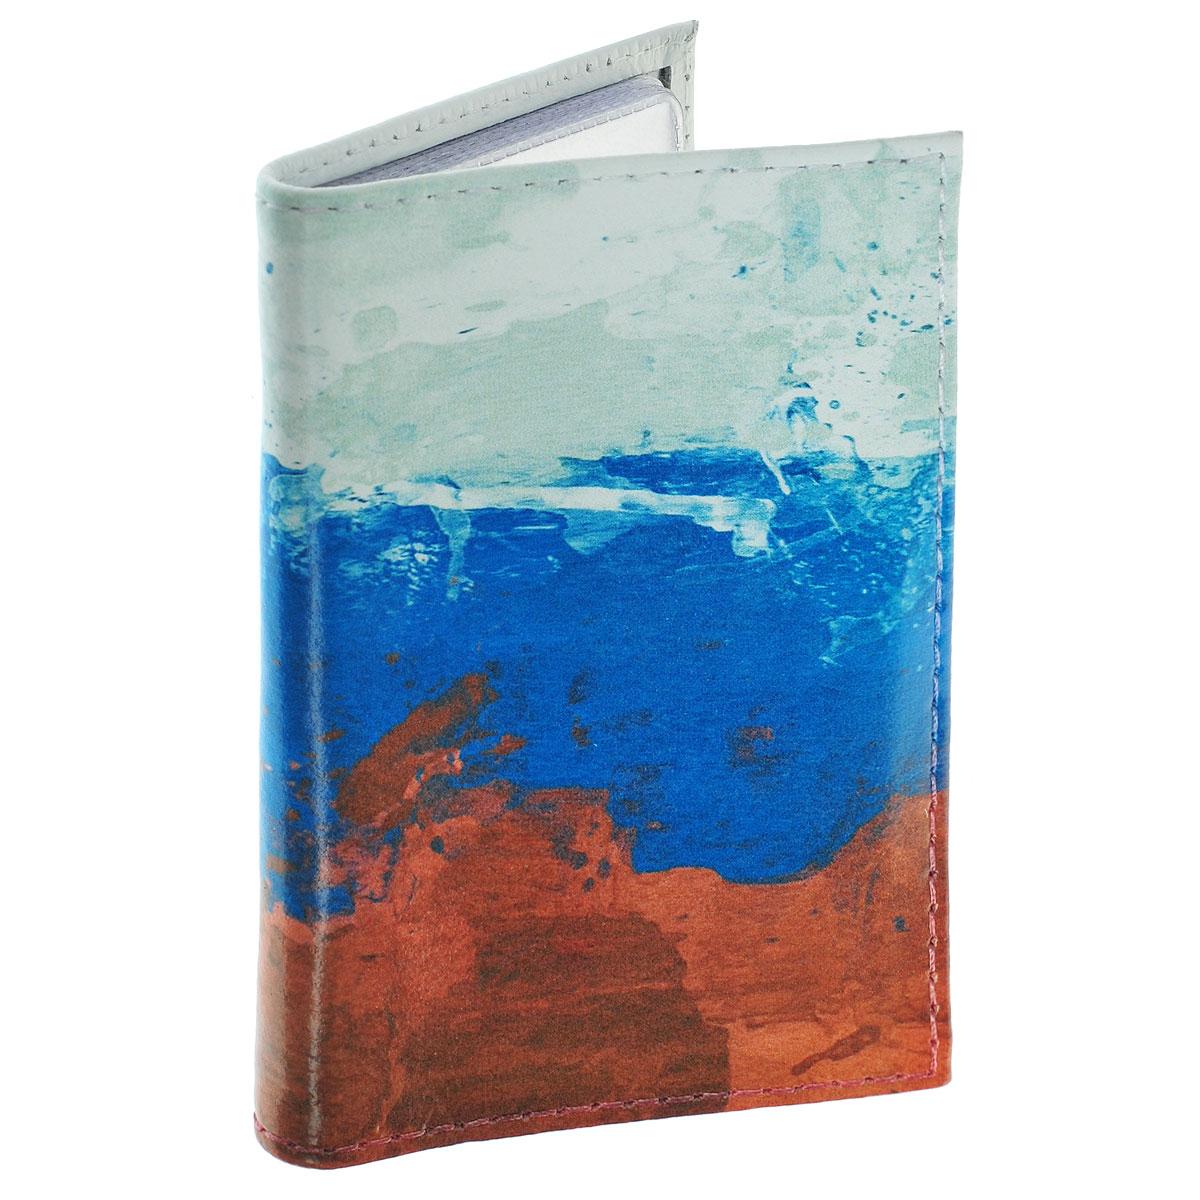 Обложка для автодокументов Флаг Российской Федерации. AUTO292AUTO292Обложка для автодокументов Mitya Veselkov Флаг Российской Федерации изготовлена из натуральной кожи и стилизована под нарисованный красками флаг Российской Федерации. На внутреннем развороте имеются съемный блок из шести прозрачных файлов из мягкого пластика для водительских документов, один из которых формата А5, а также два боковых кармашка для визиток или банковских карт. Стильная обложка не только поможет сохранить внешний вид ваших документов и защитит их от грязи и пыли, но и станет аксессуаром, который подчеркнет вашу яркую индивидуальность.